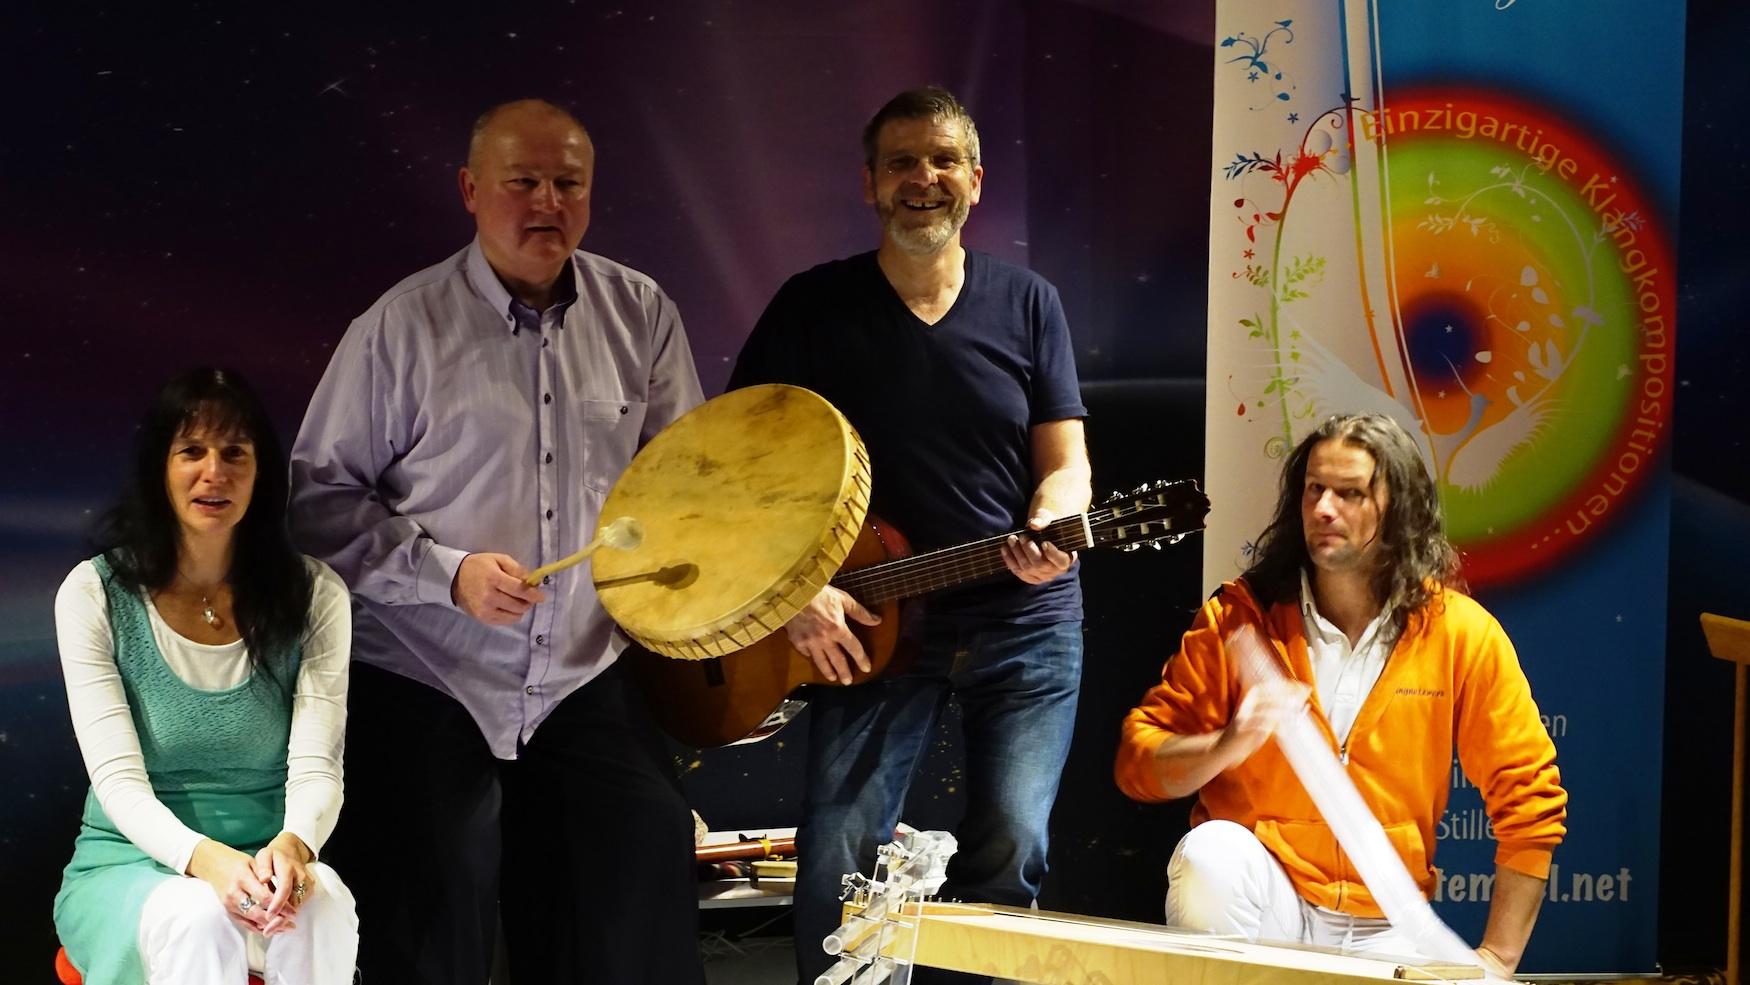 Studiolounge Leipzig 11.2.2017 mit Gong Mario und Götz Wittneben